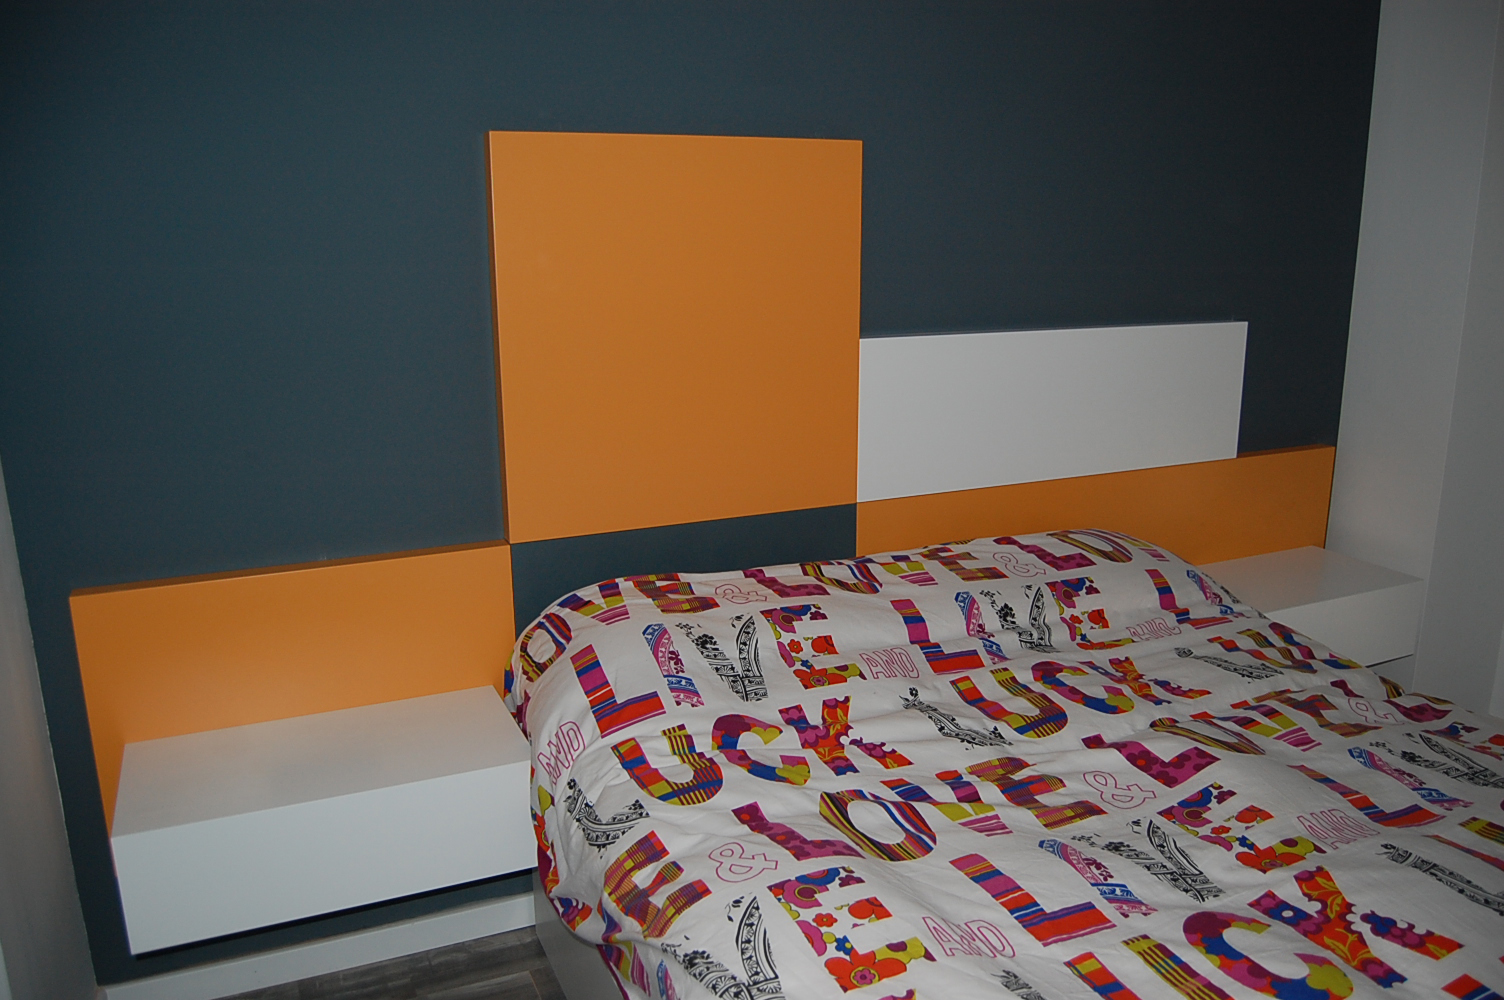 Cabezal cama con paneles lacados en color satinado mb - Cabezal cama infantil ...